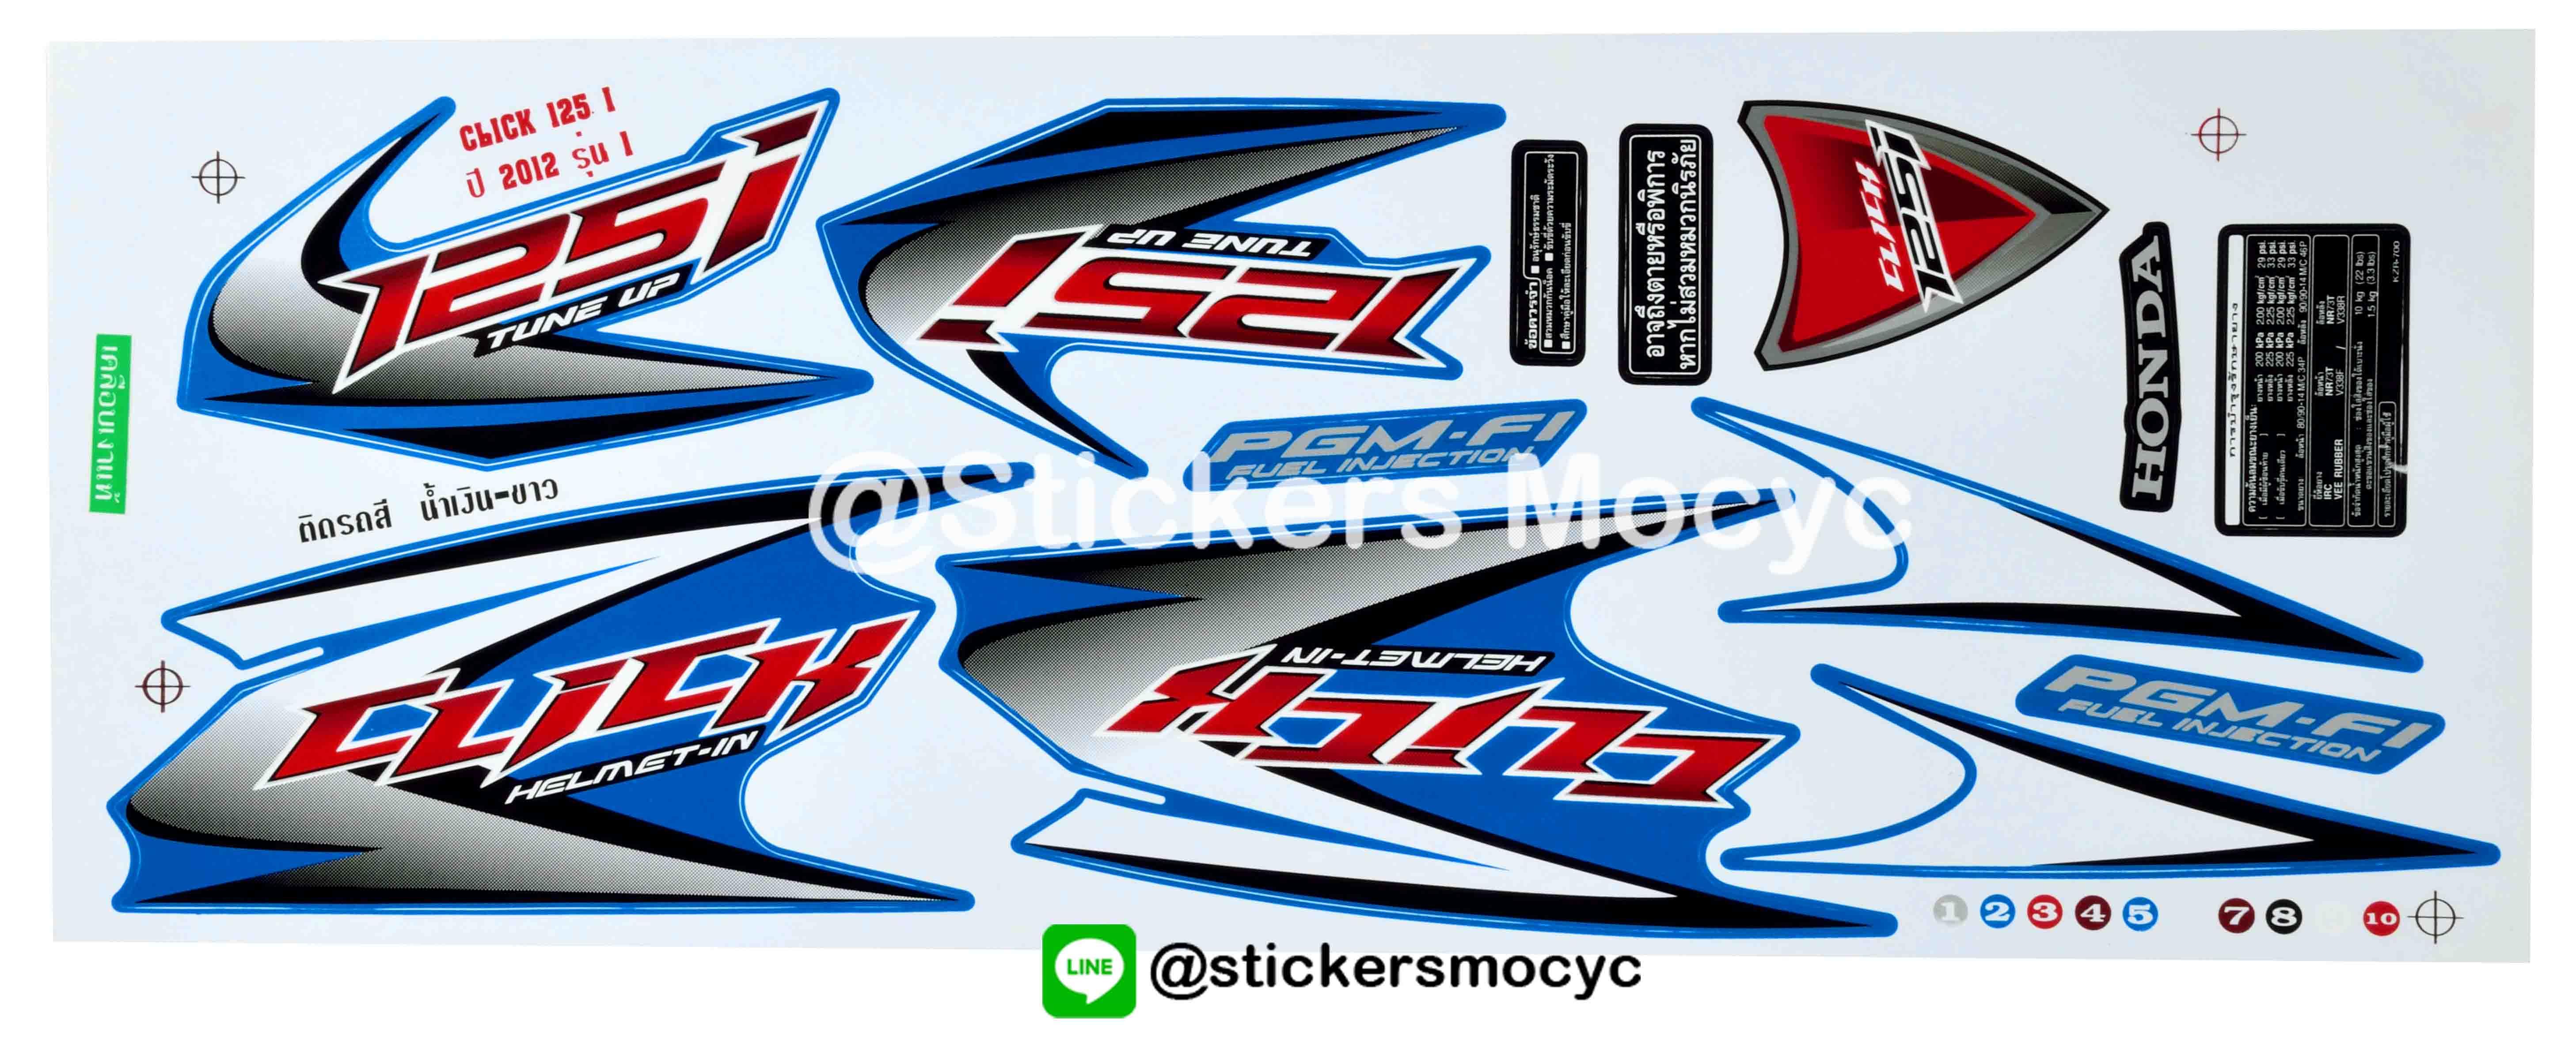 สติ๊กเกอร์ click 125i sticker click 125i แต่ง ปี 2012 รุ่น 1 ติดรถ สีน้ำเงิน ขาว (เคลือบเงา)